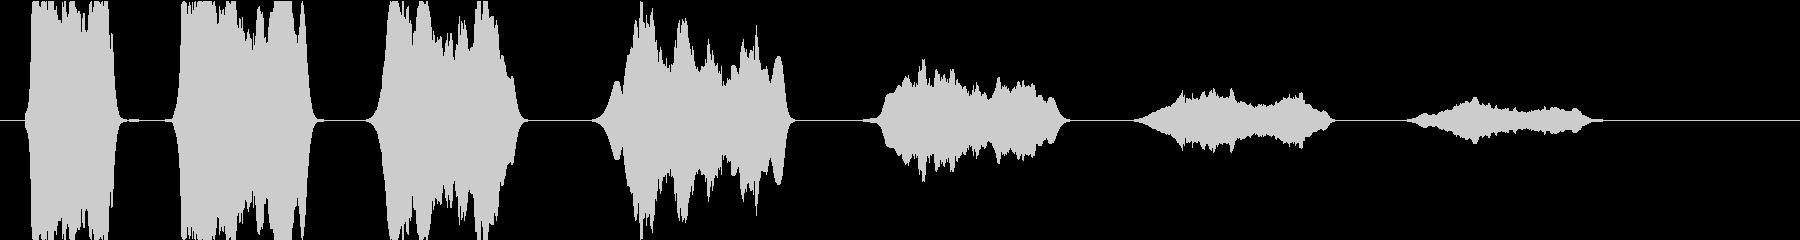 ゲームオーバー:減少していく失敗の音の未再生の波形